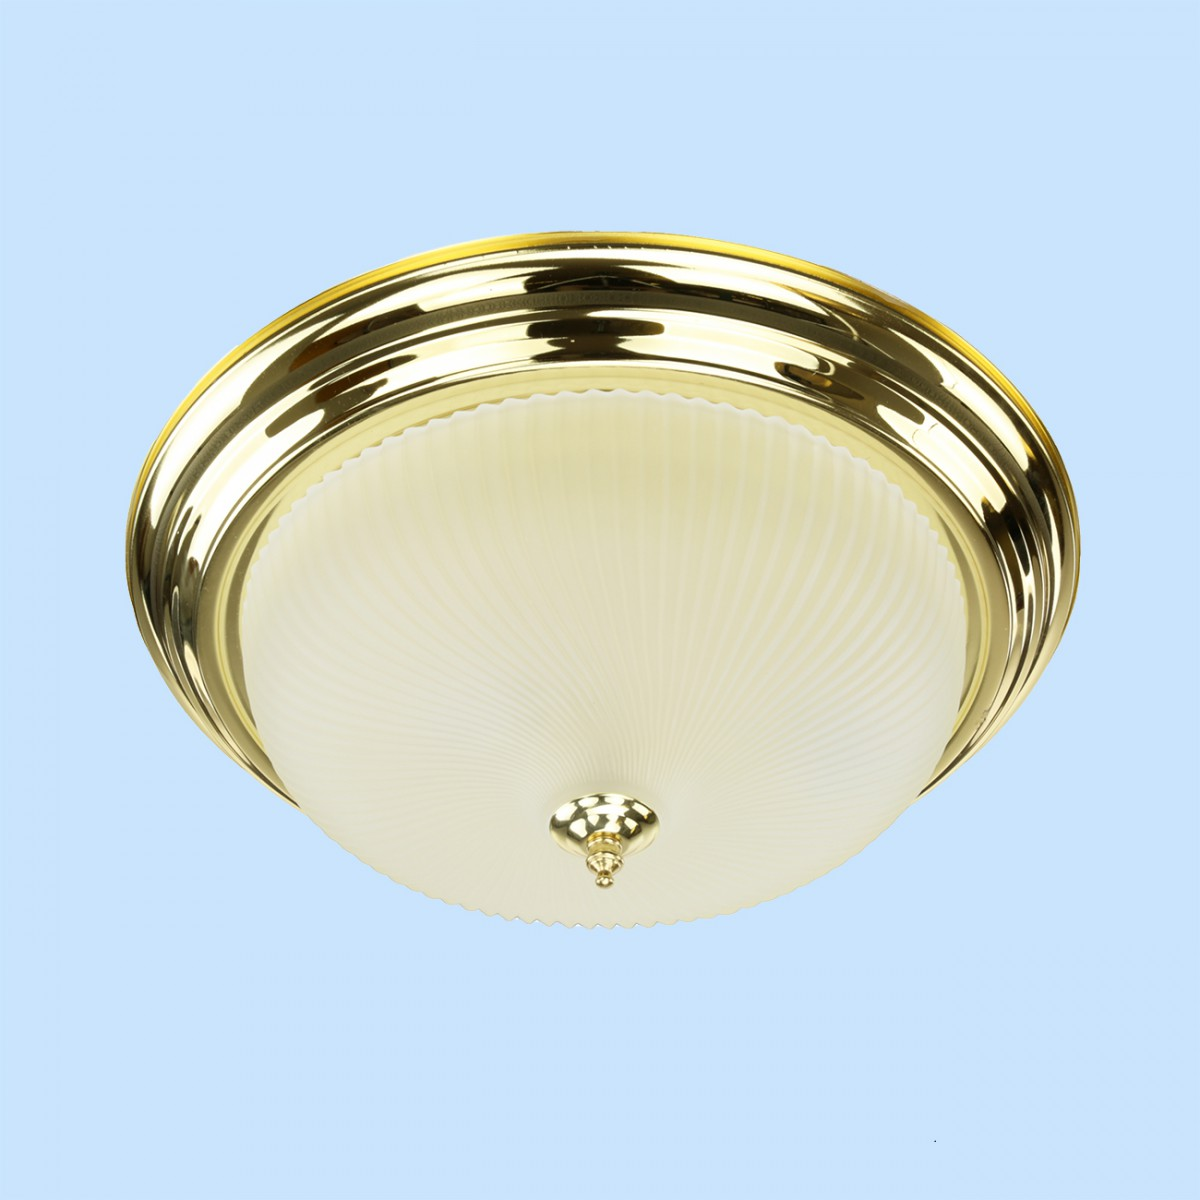 Ceiling Light Brass Flush Mount Frost Swirl 15 1/4